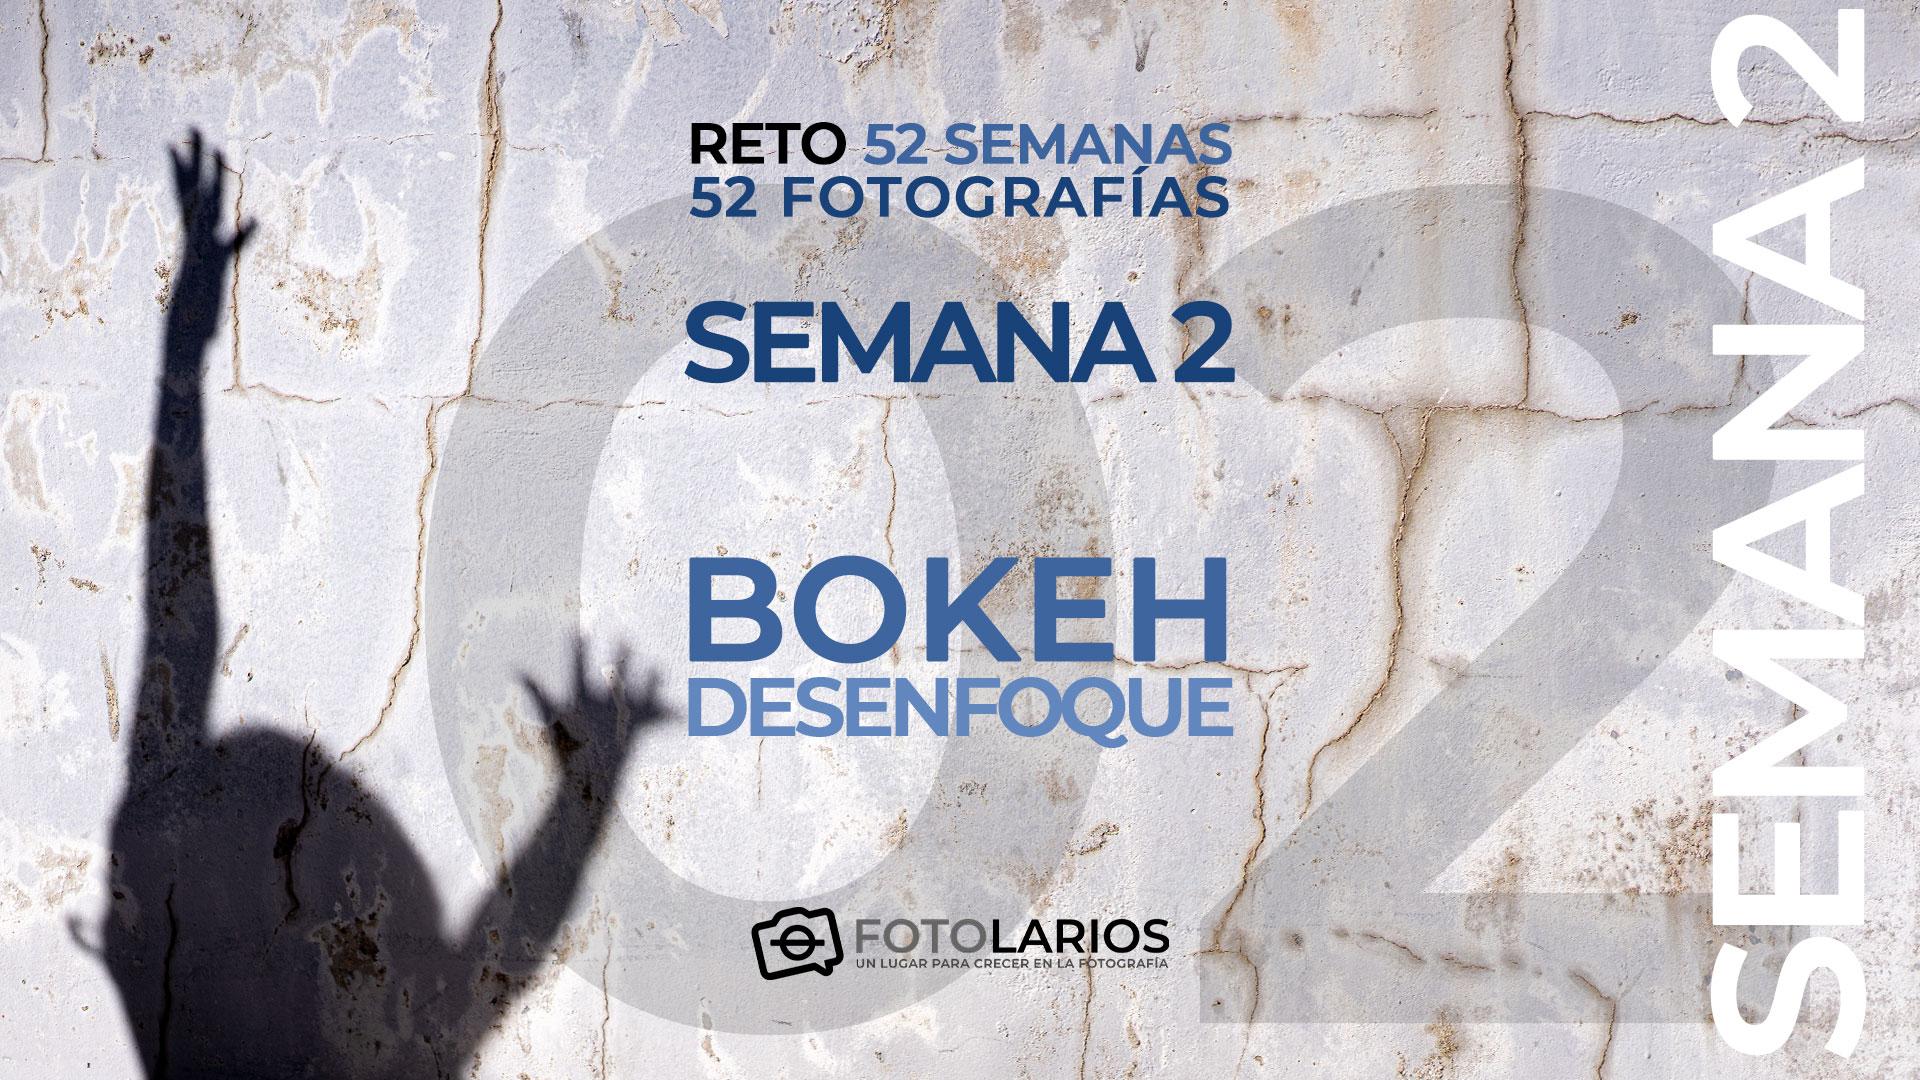 Reto 52 semanas - 02 - Bokeh